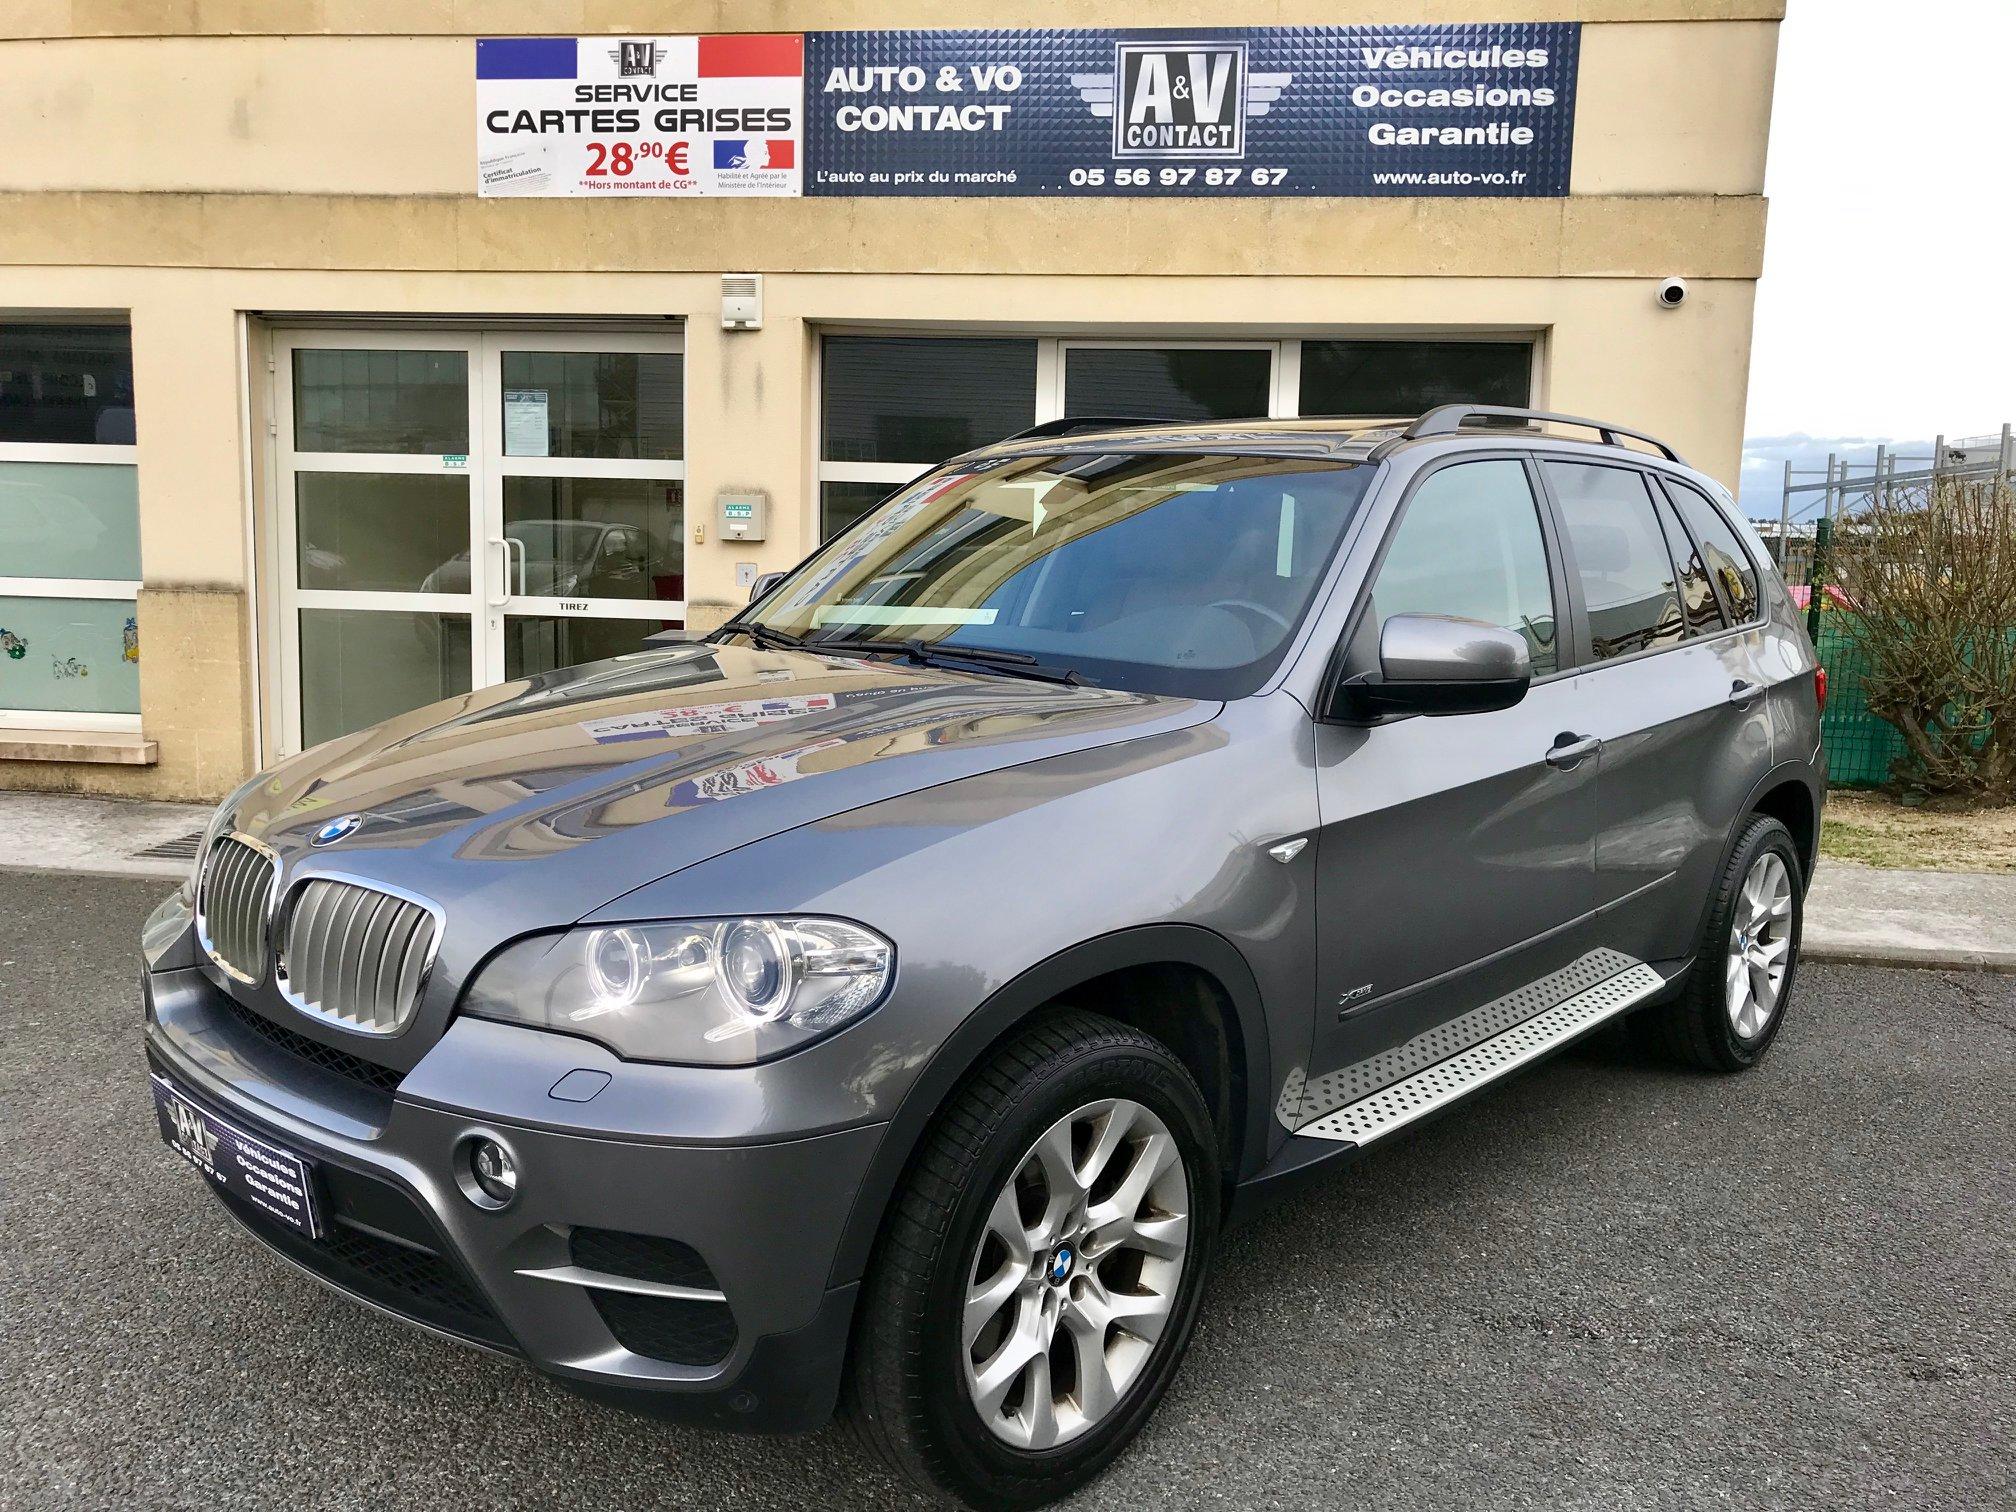 BMW X5 XDRIVE40DA 306 CH PACK LUXE Du 27.10.2011 – 136 200 KMS – VENDU